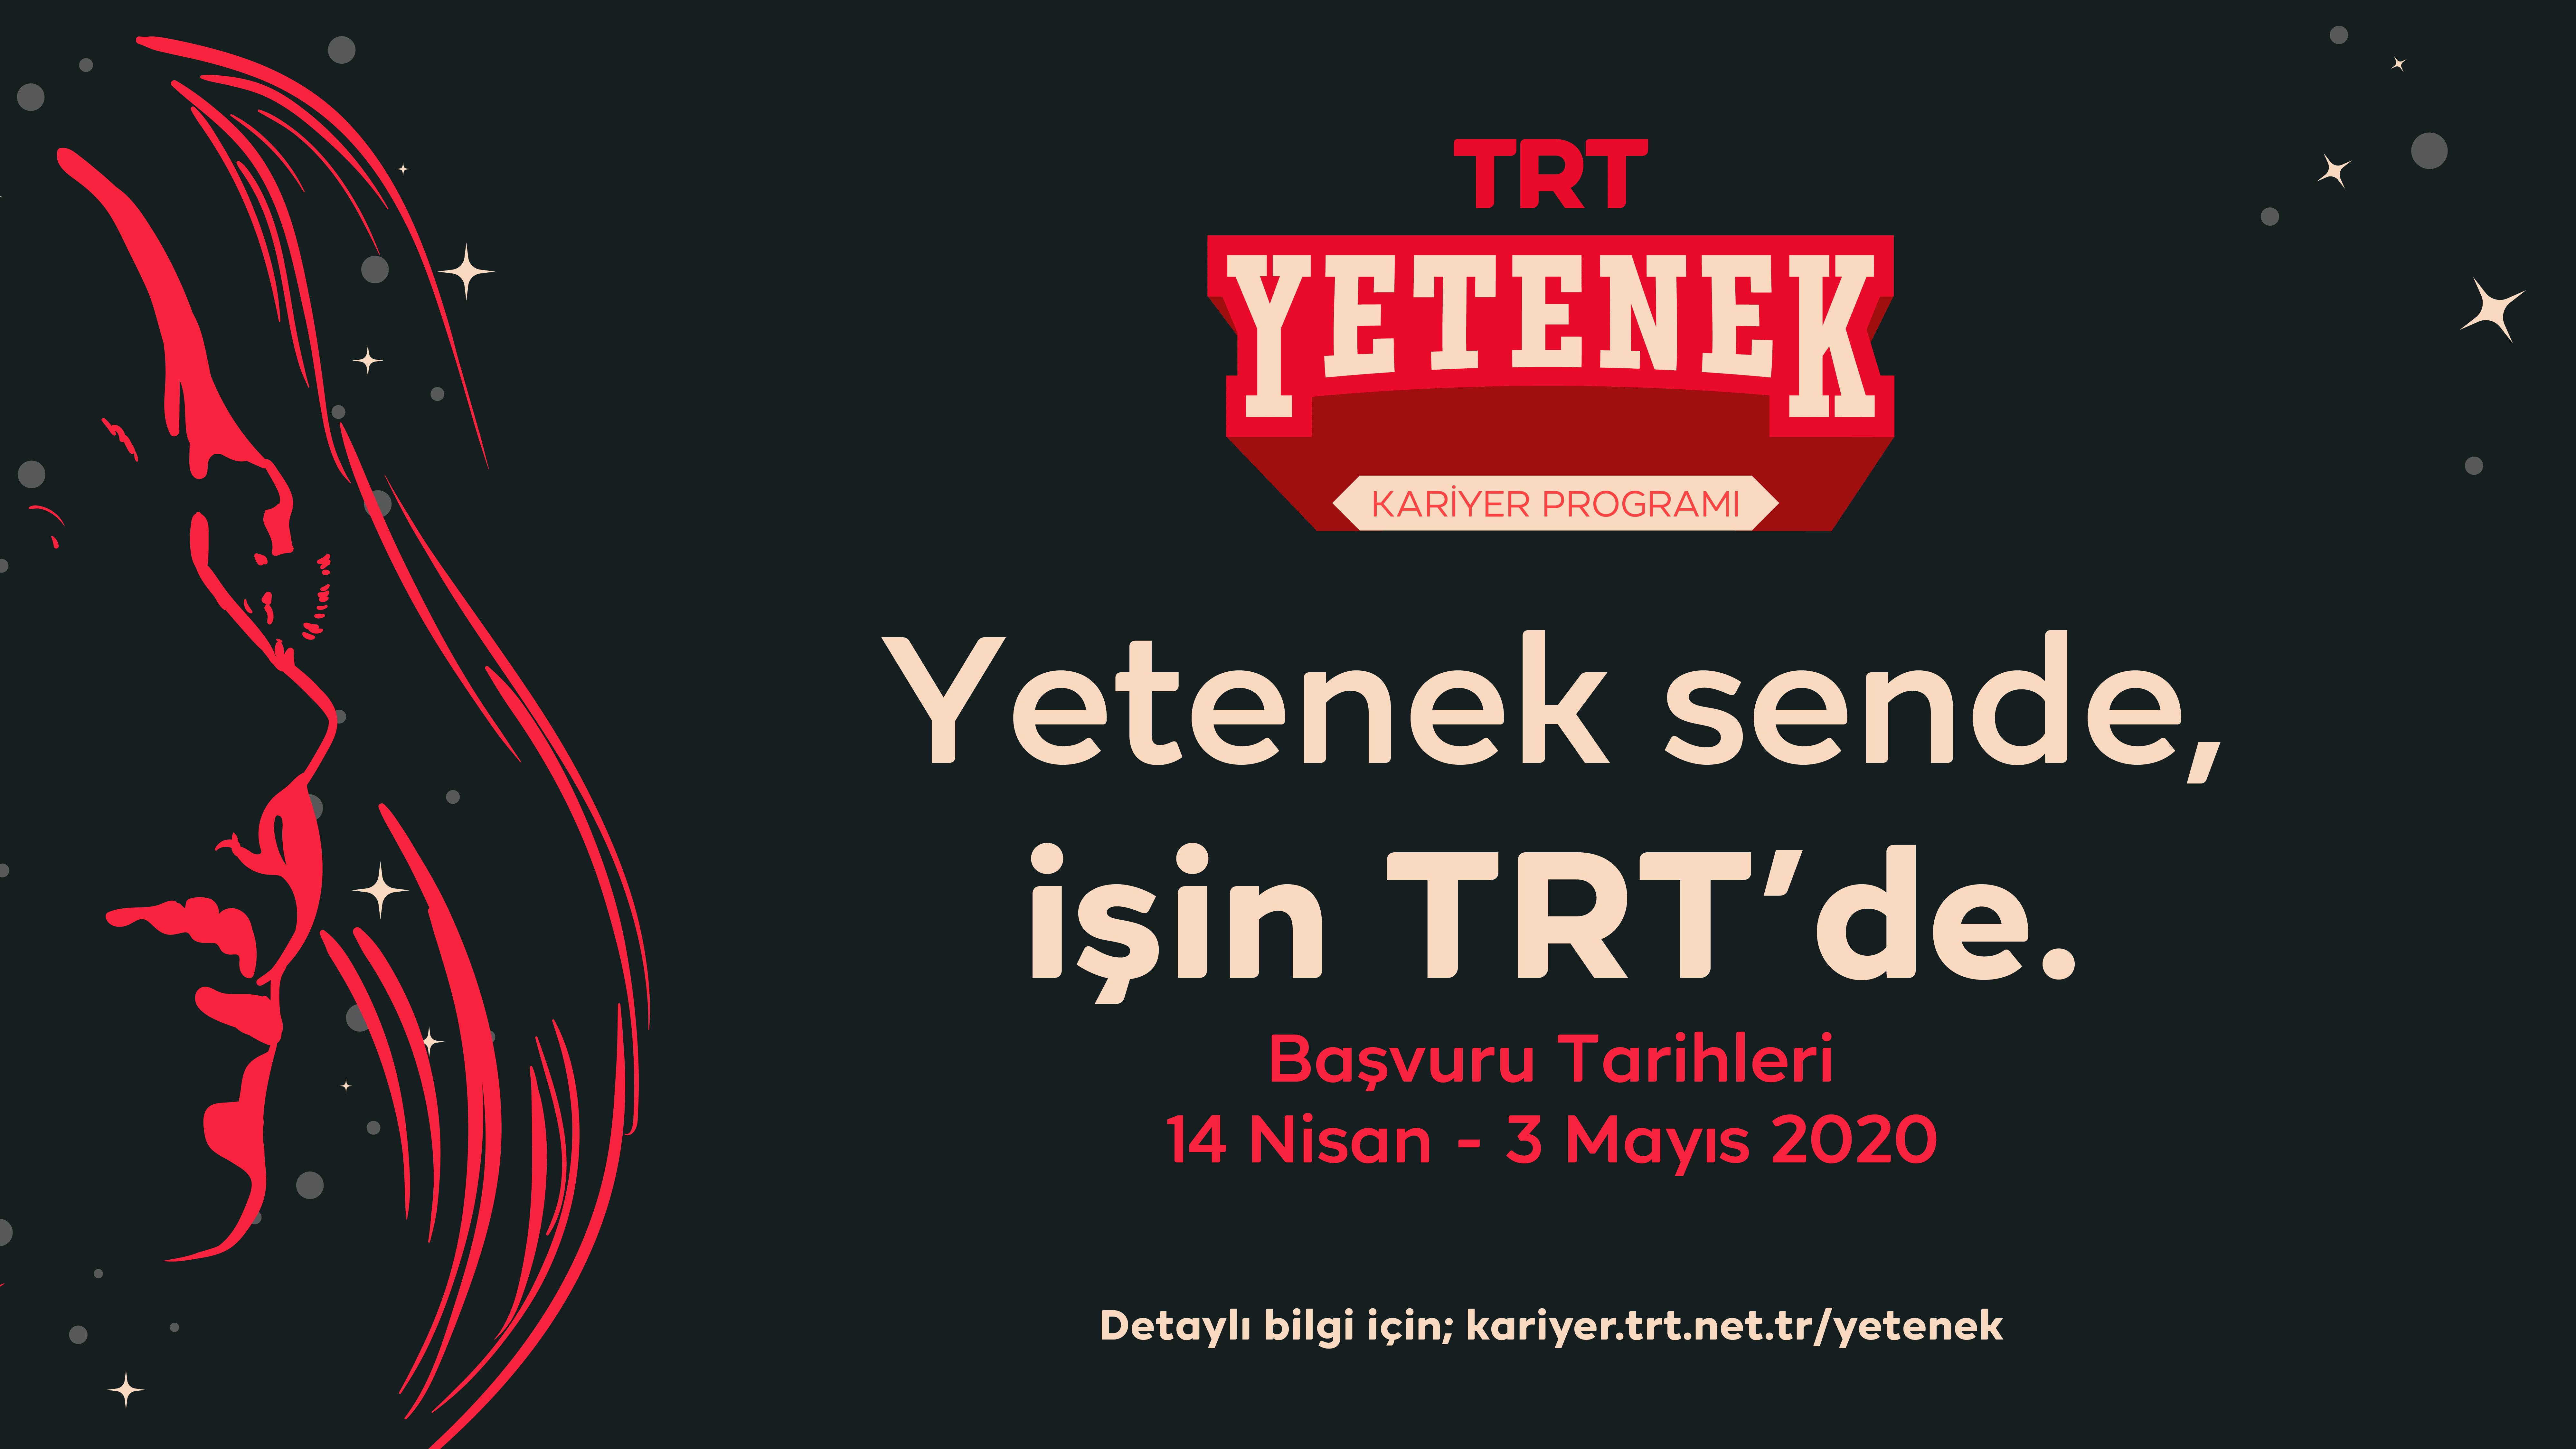 Öğrenci Kariyeri - İş (Yeni Mezun): TRT Yetenek ile Yetenek Sende, İşin TRT'de!